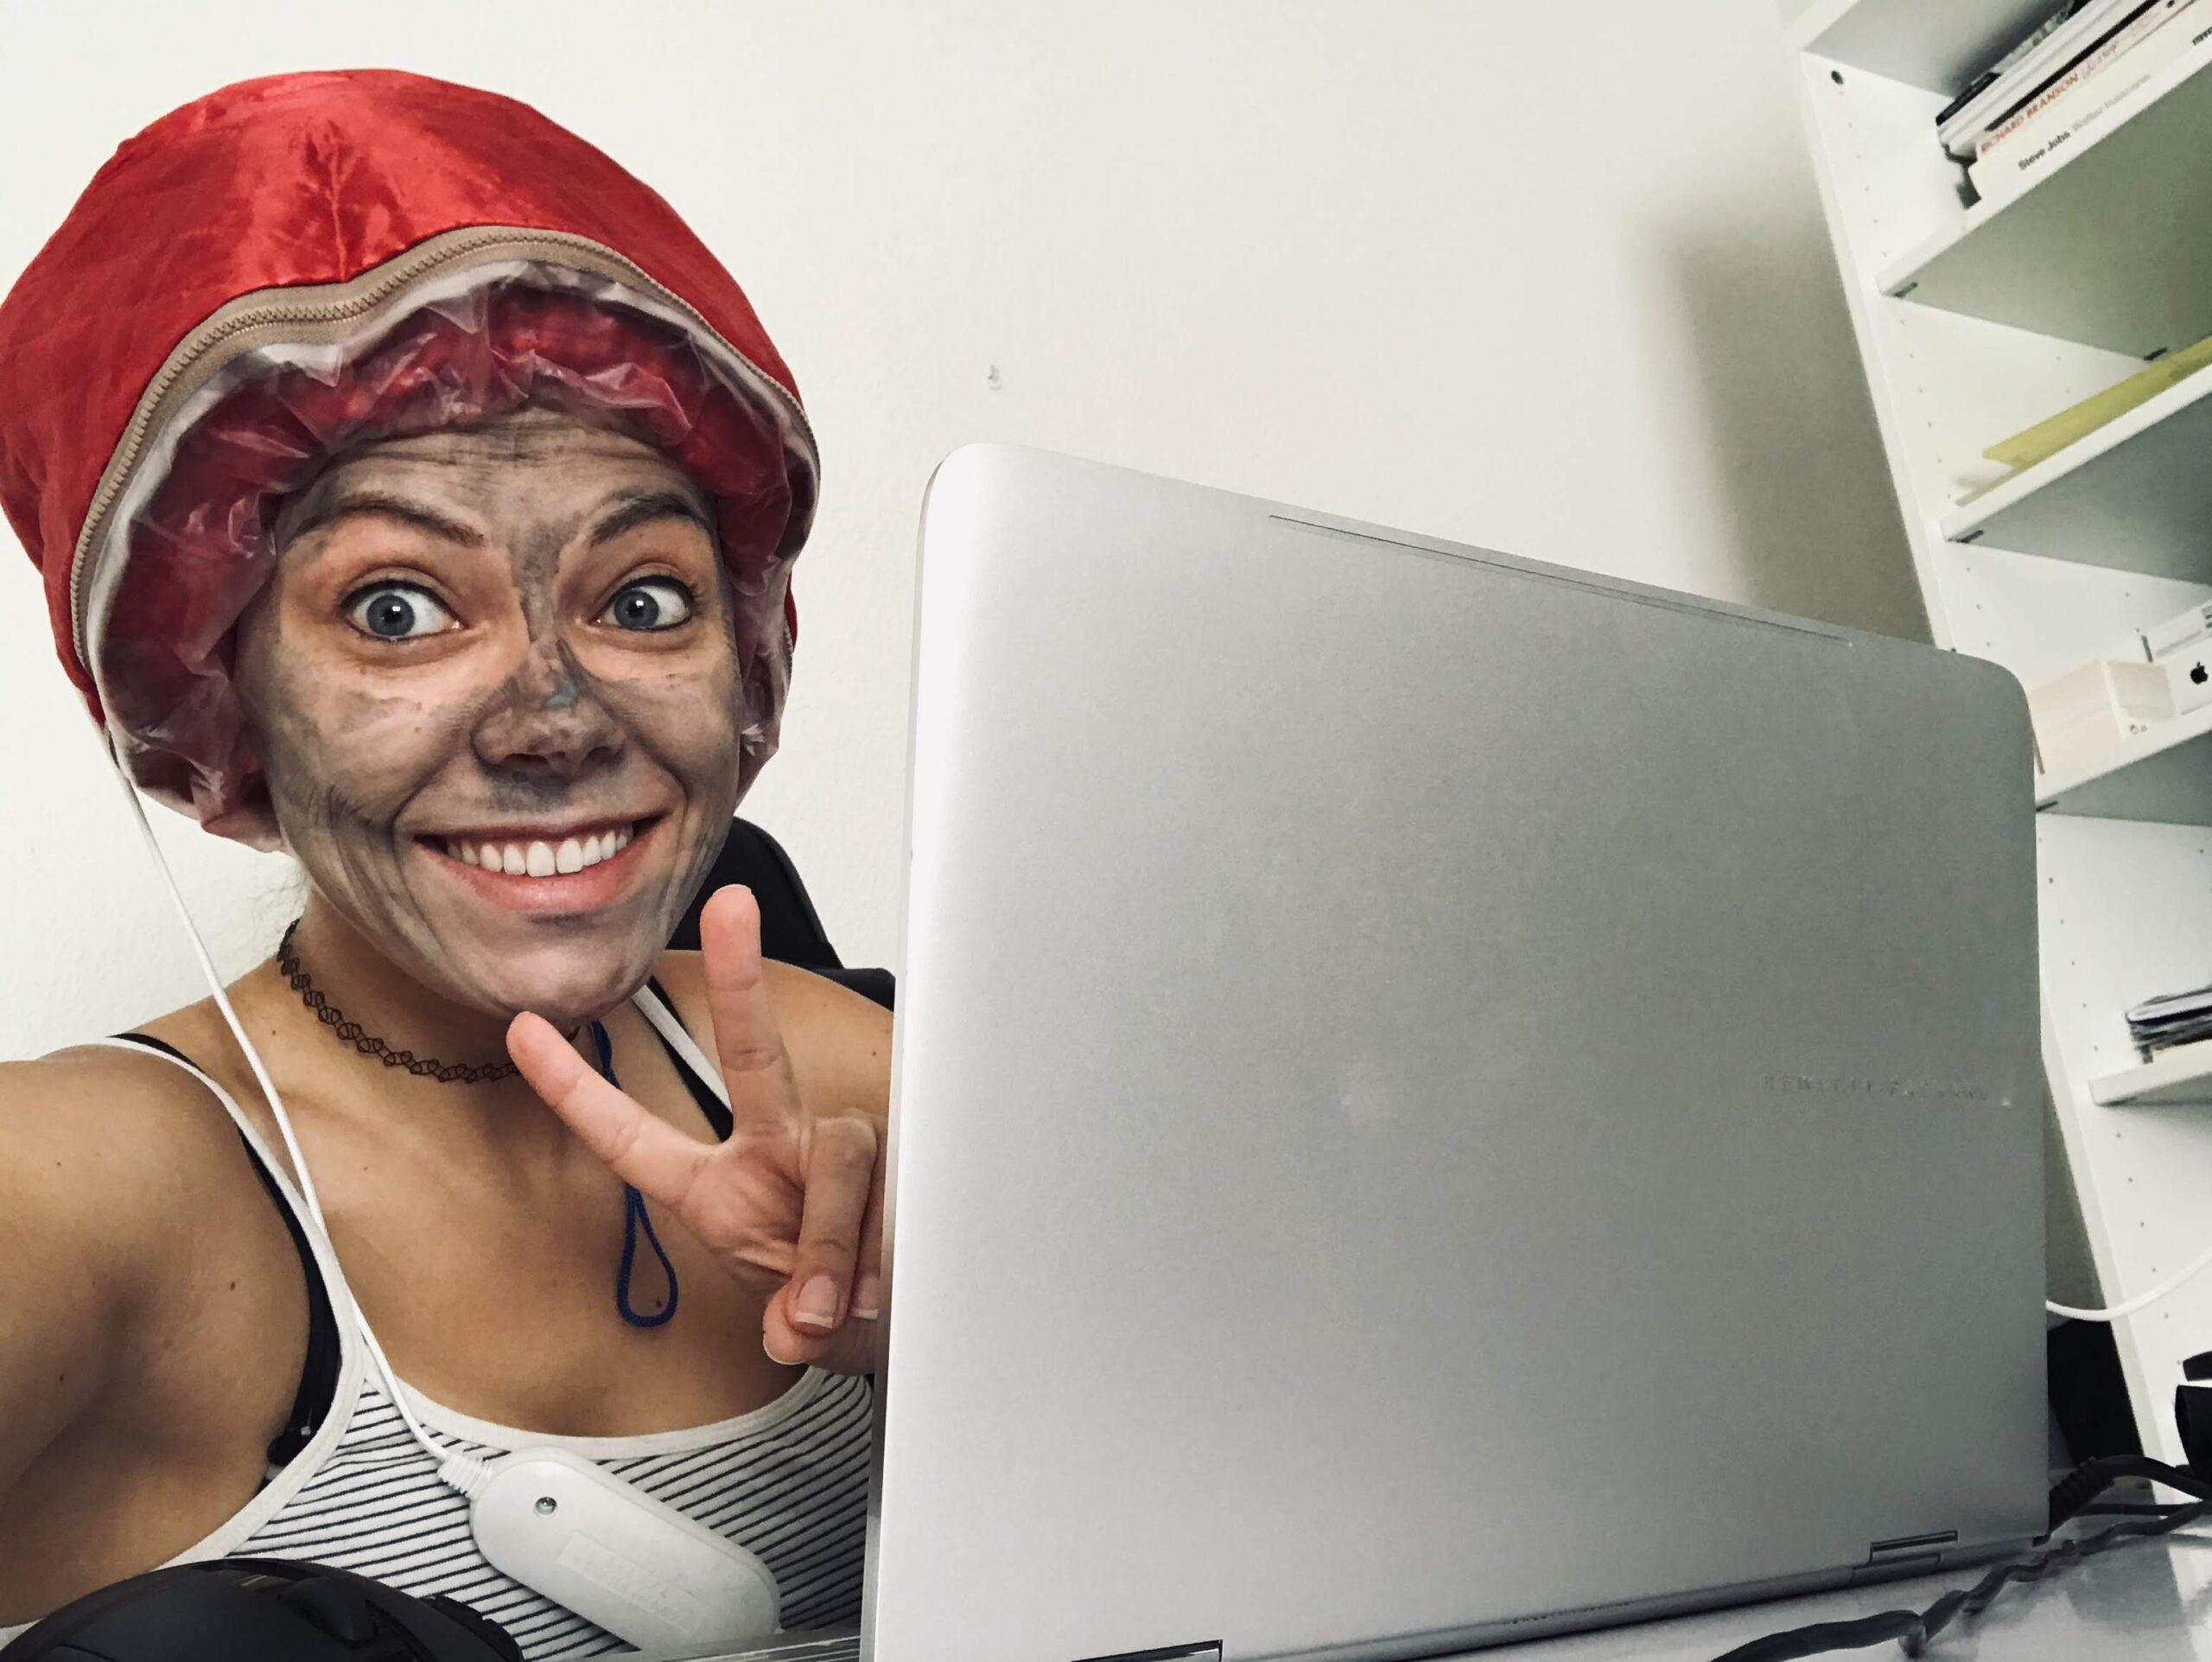 Pracujac z maseczka na twarzy